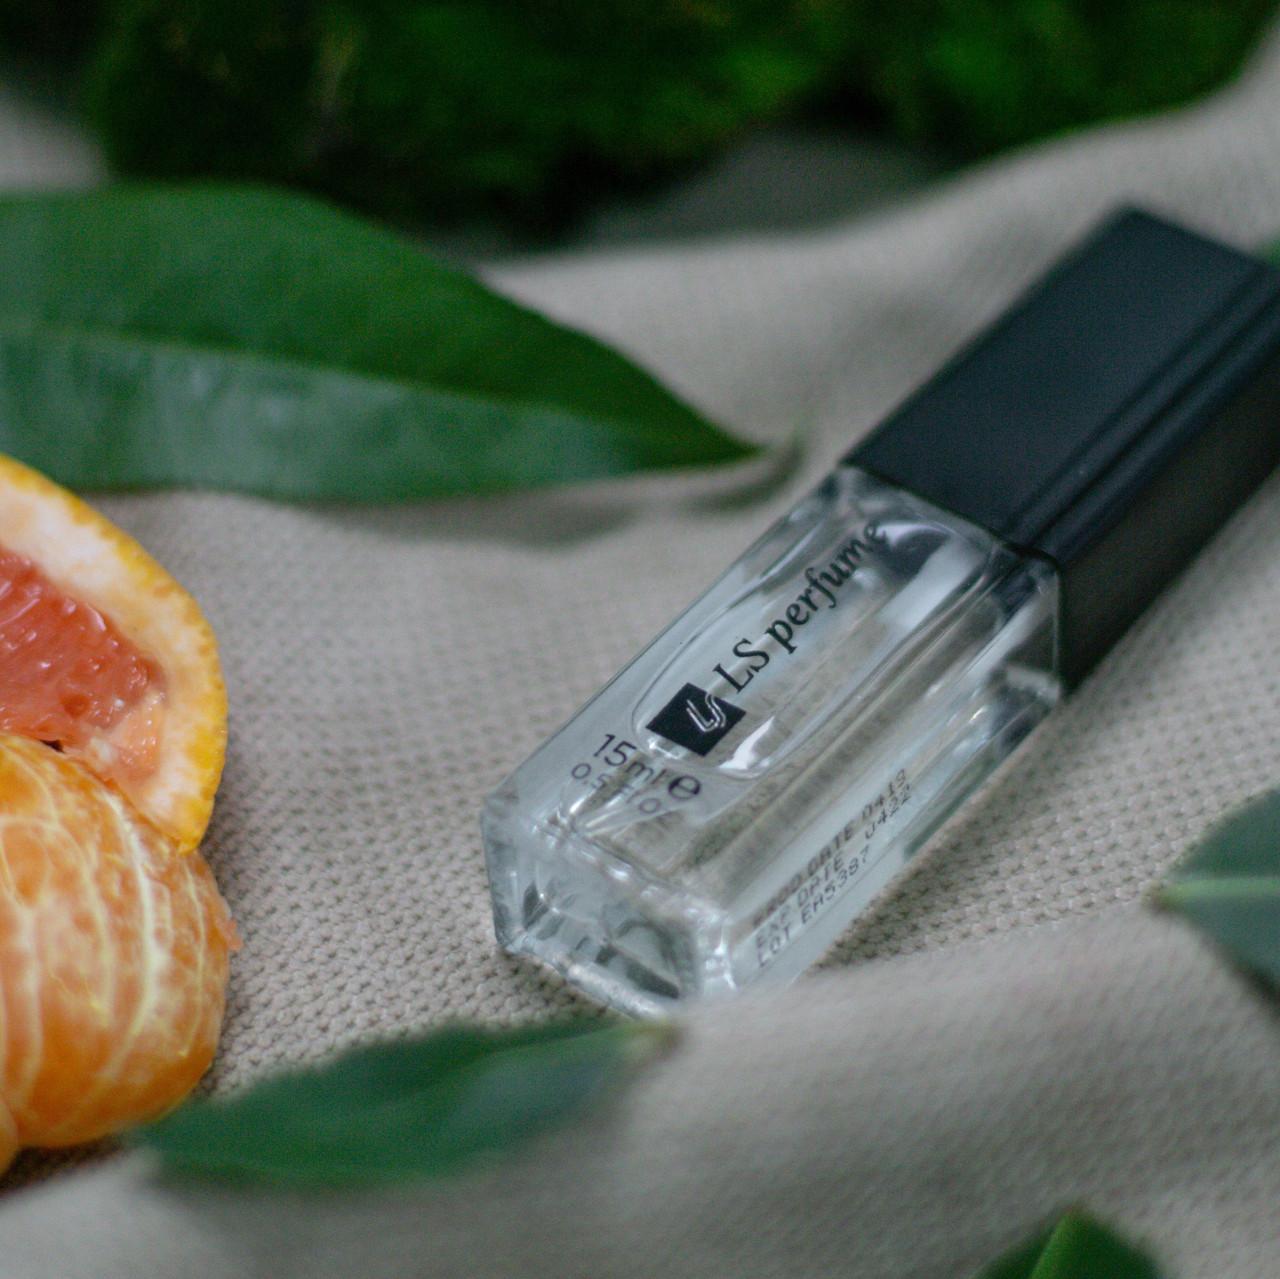 М656 Мужской парфюм Paco Rabanne Invictus 15ml.